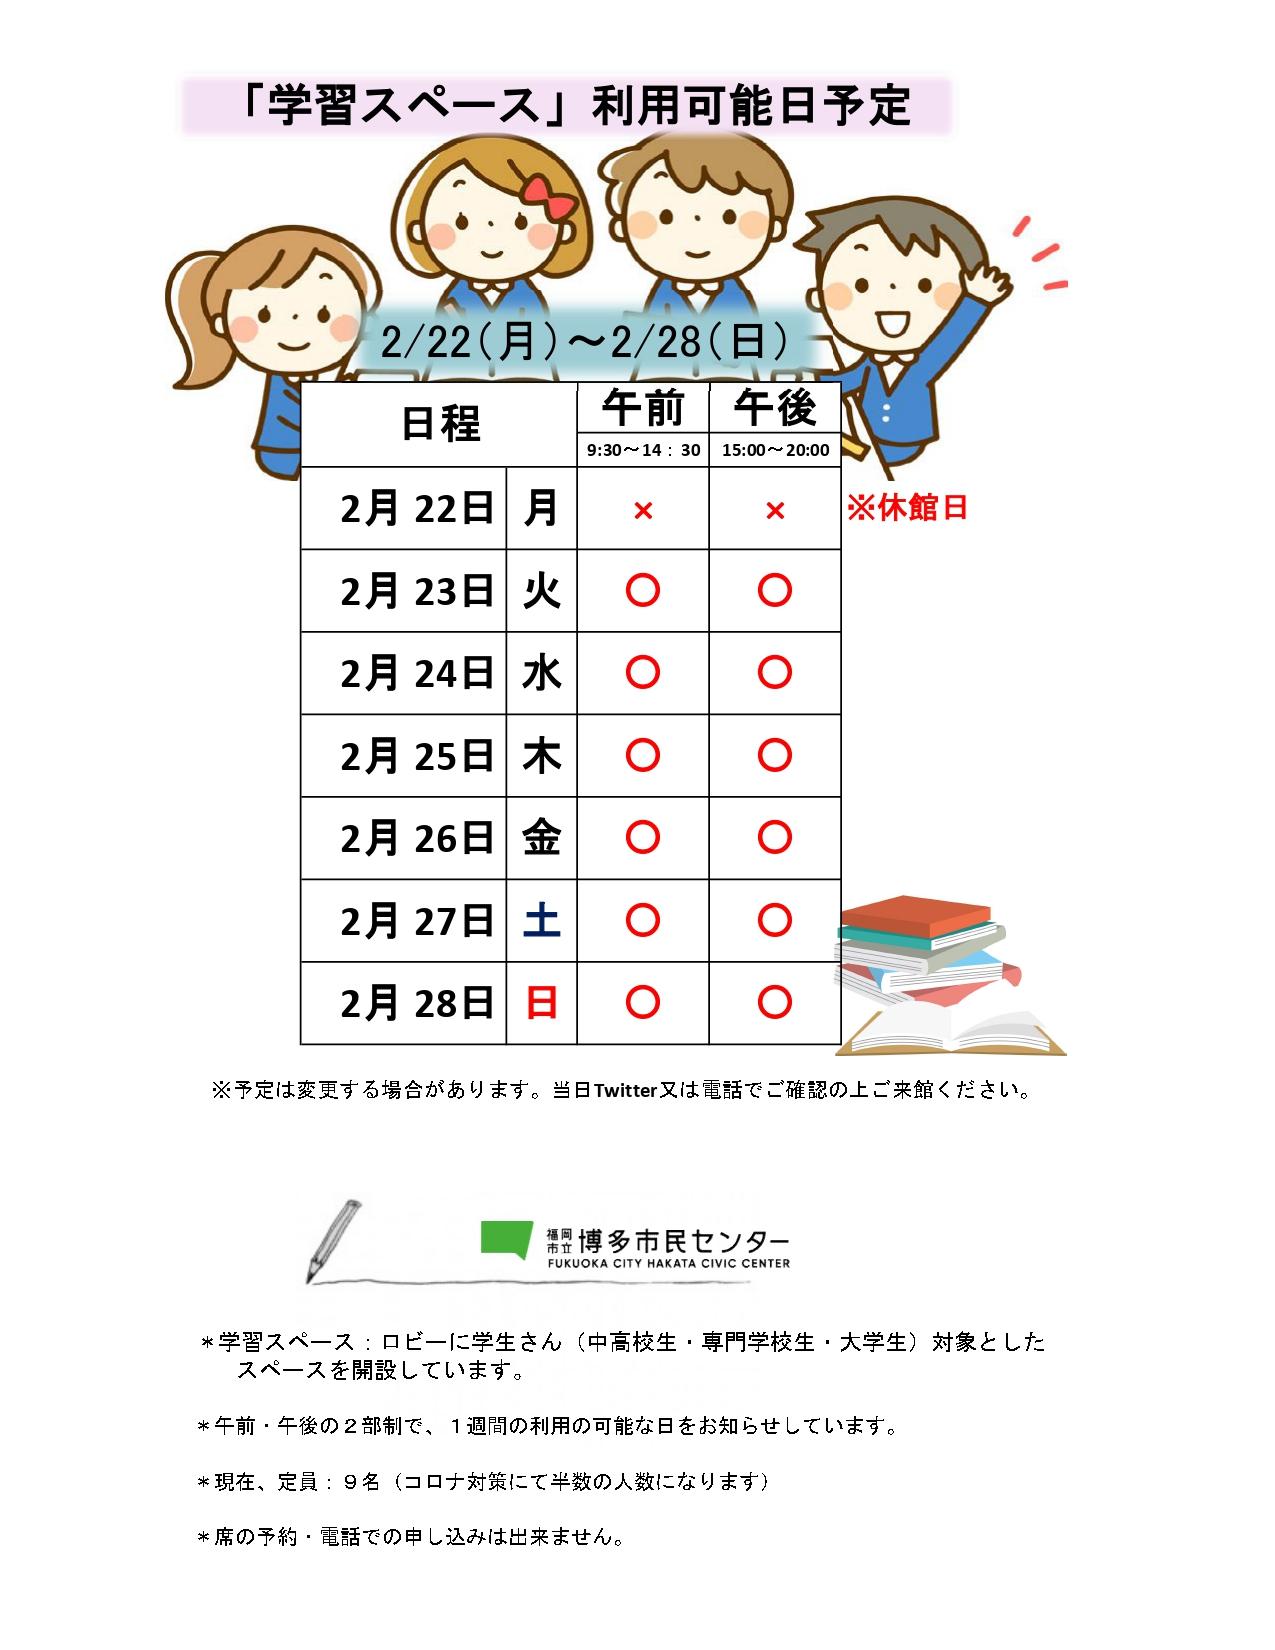 「学習スペース」2月22日~28日の利用可能日予定